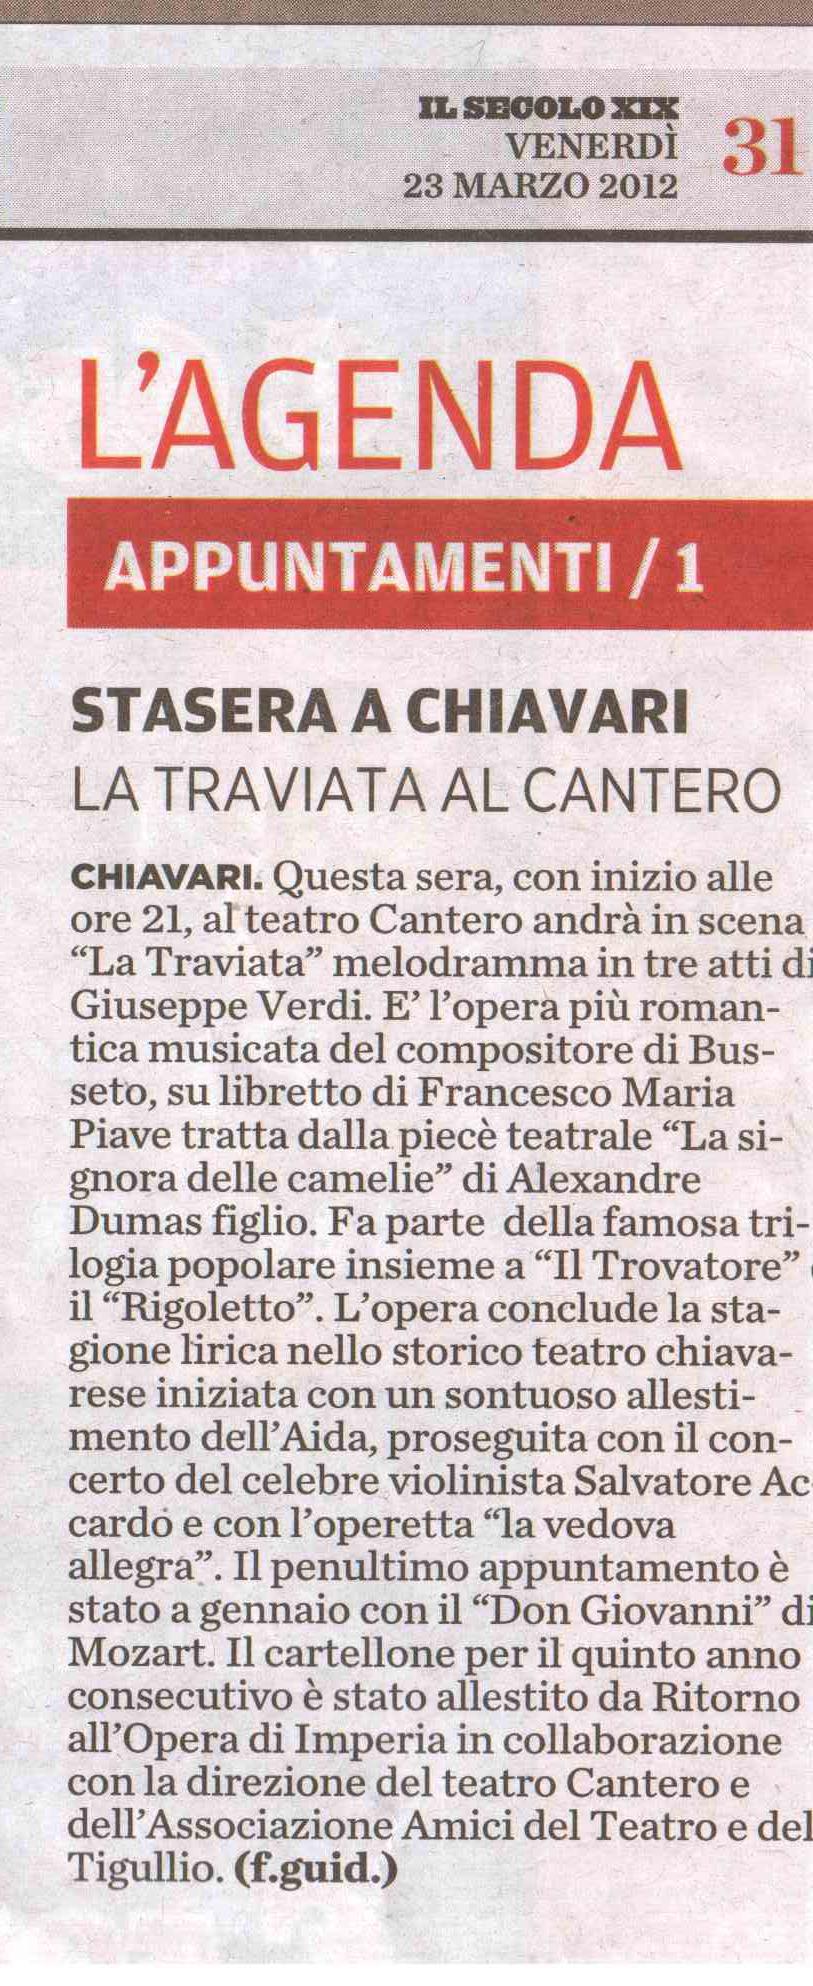 23.03.2012 – IL SECOLO XIX – La Traviata